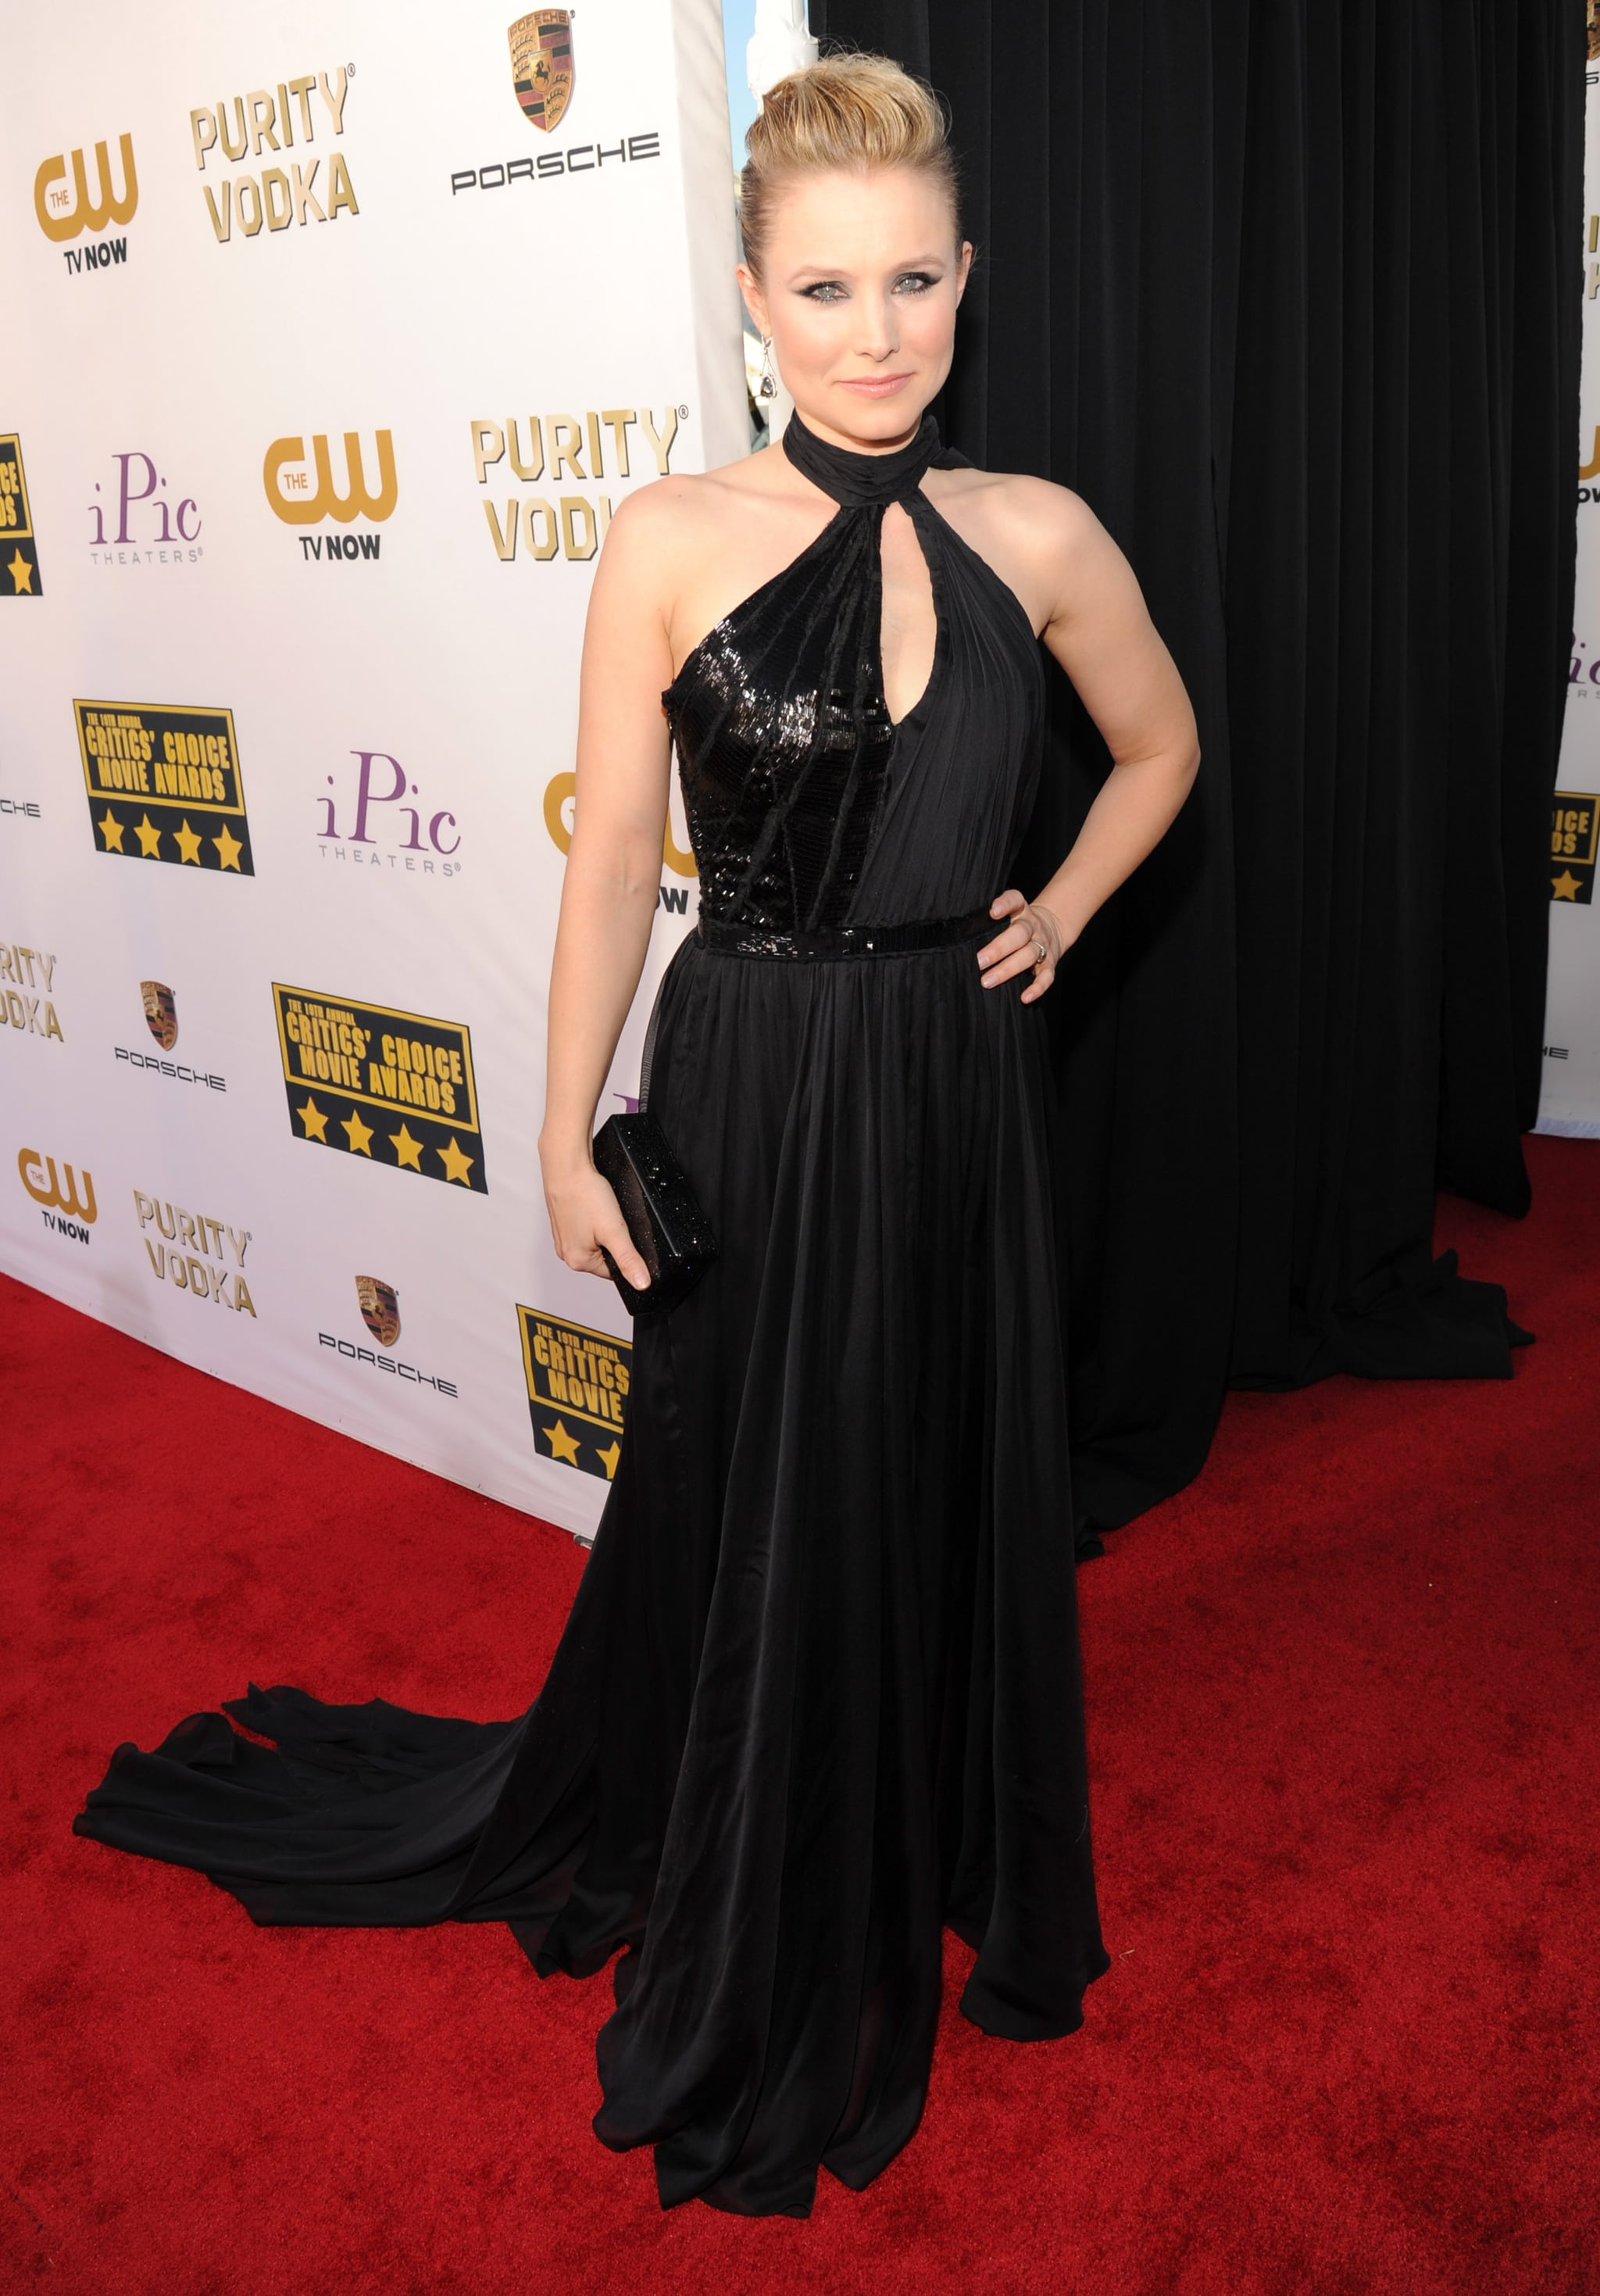 Kristen Bell at the Critics' Choice Awards 2014